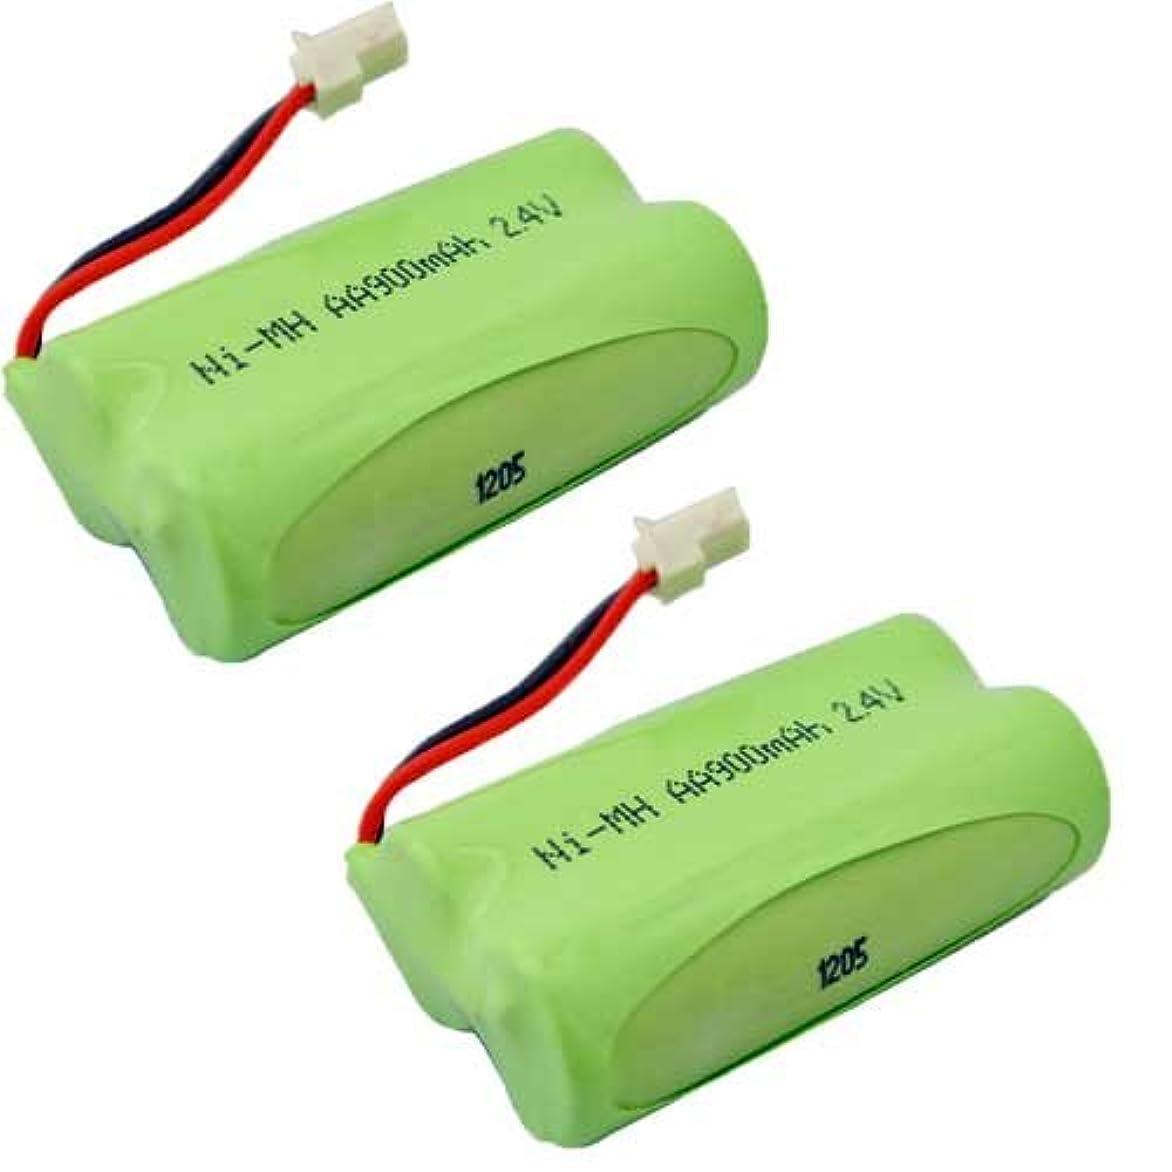 先行する義務付けられたスクリュー【掘出】2個セット サンヨー ( SANYO ) コードレス子機用充電池 【 NTL-14 / HHR-T315 / BK-T315 対応互換電池 】